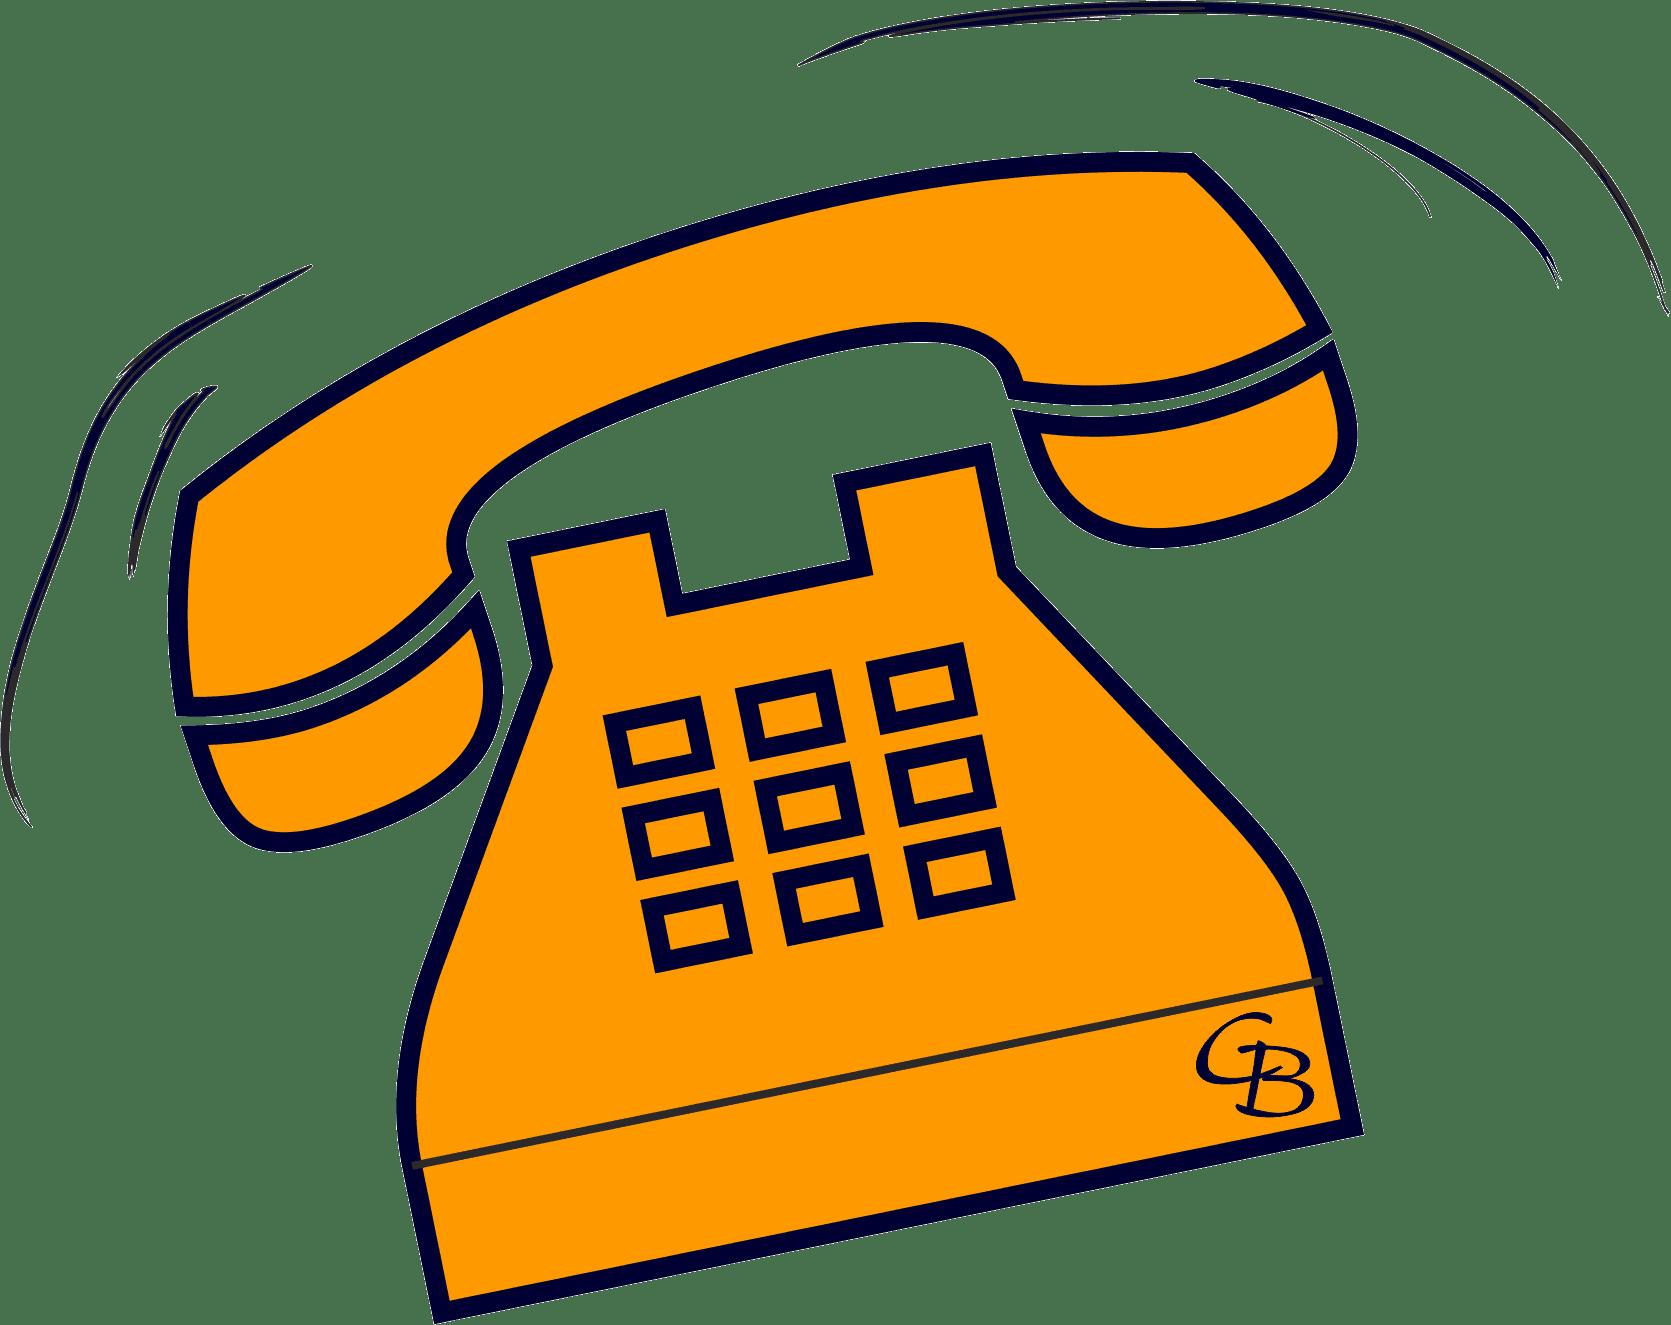 Telefon Hürth, Frechen, Brühl, Kerpen, Pulheim, Elsdorf, Bergheim